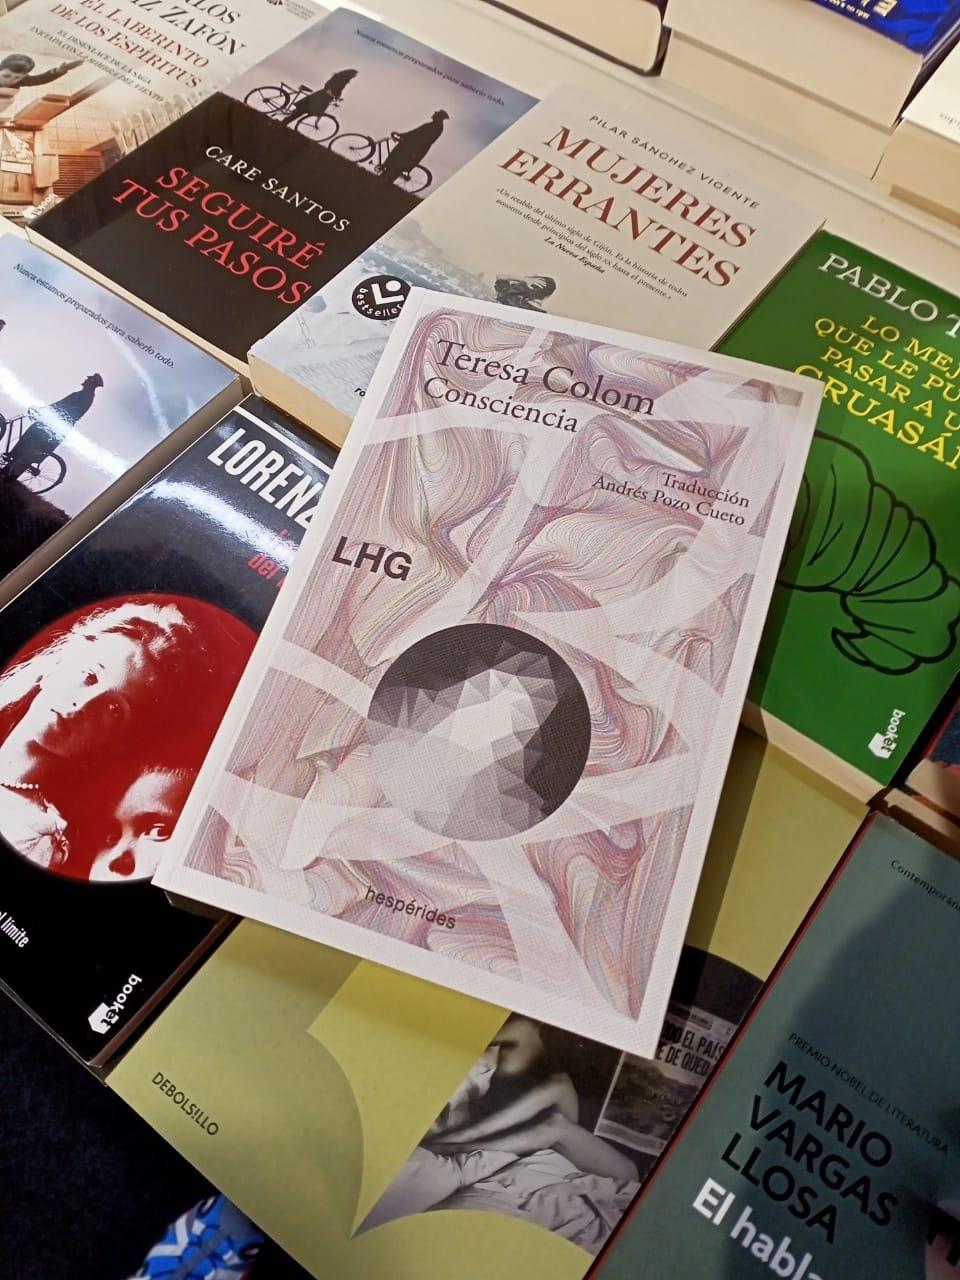 La traducció de 'Consciència' a l'FNAC.